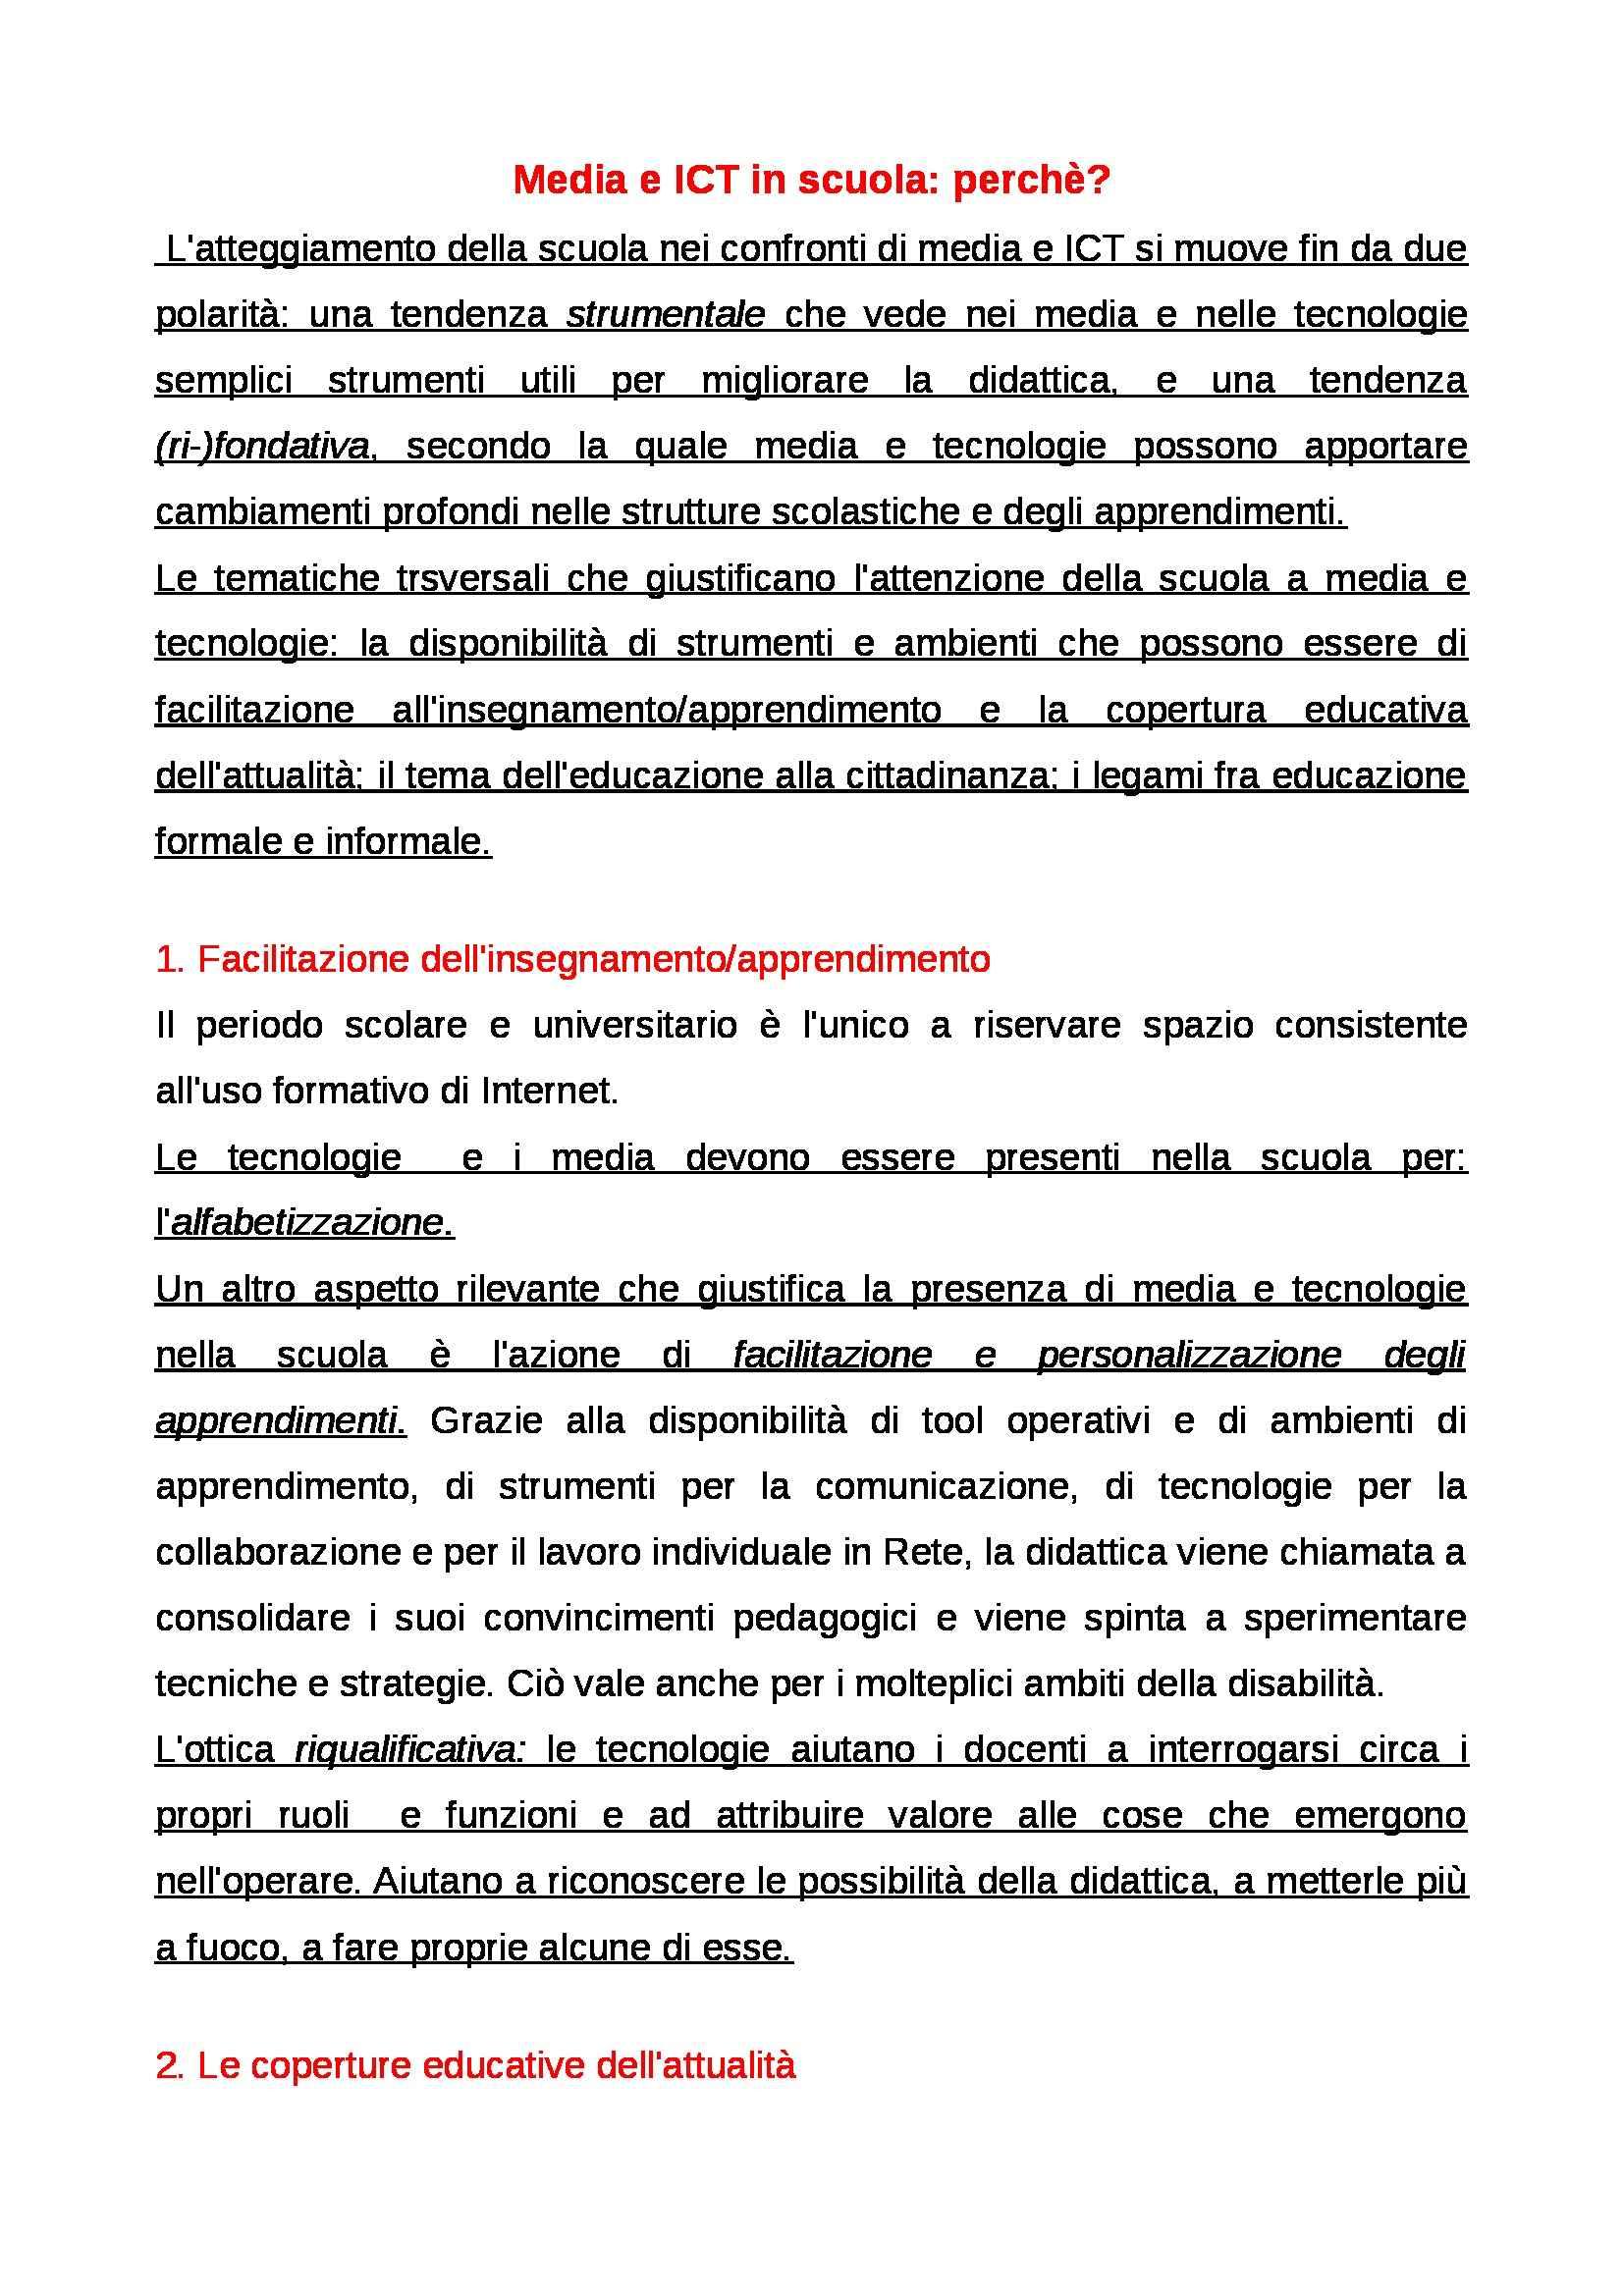 Riassunto esame Educazione mediale, prof. Faiella, libro consigliato Media e tecnologie per la didattica, Ardizzone, Rivoltella Pag. 11